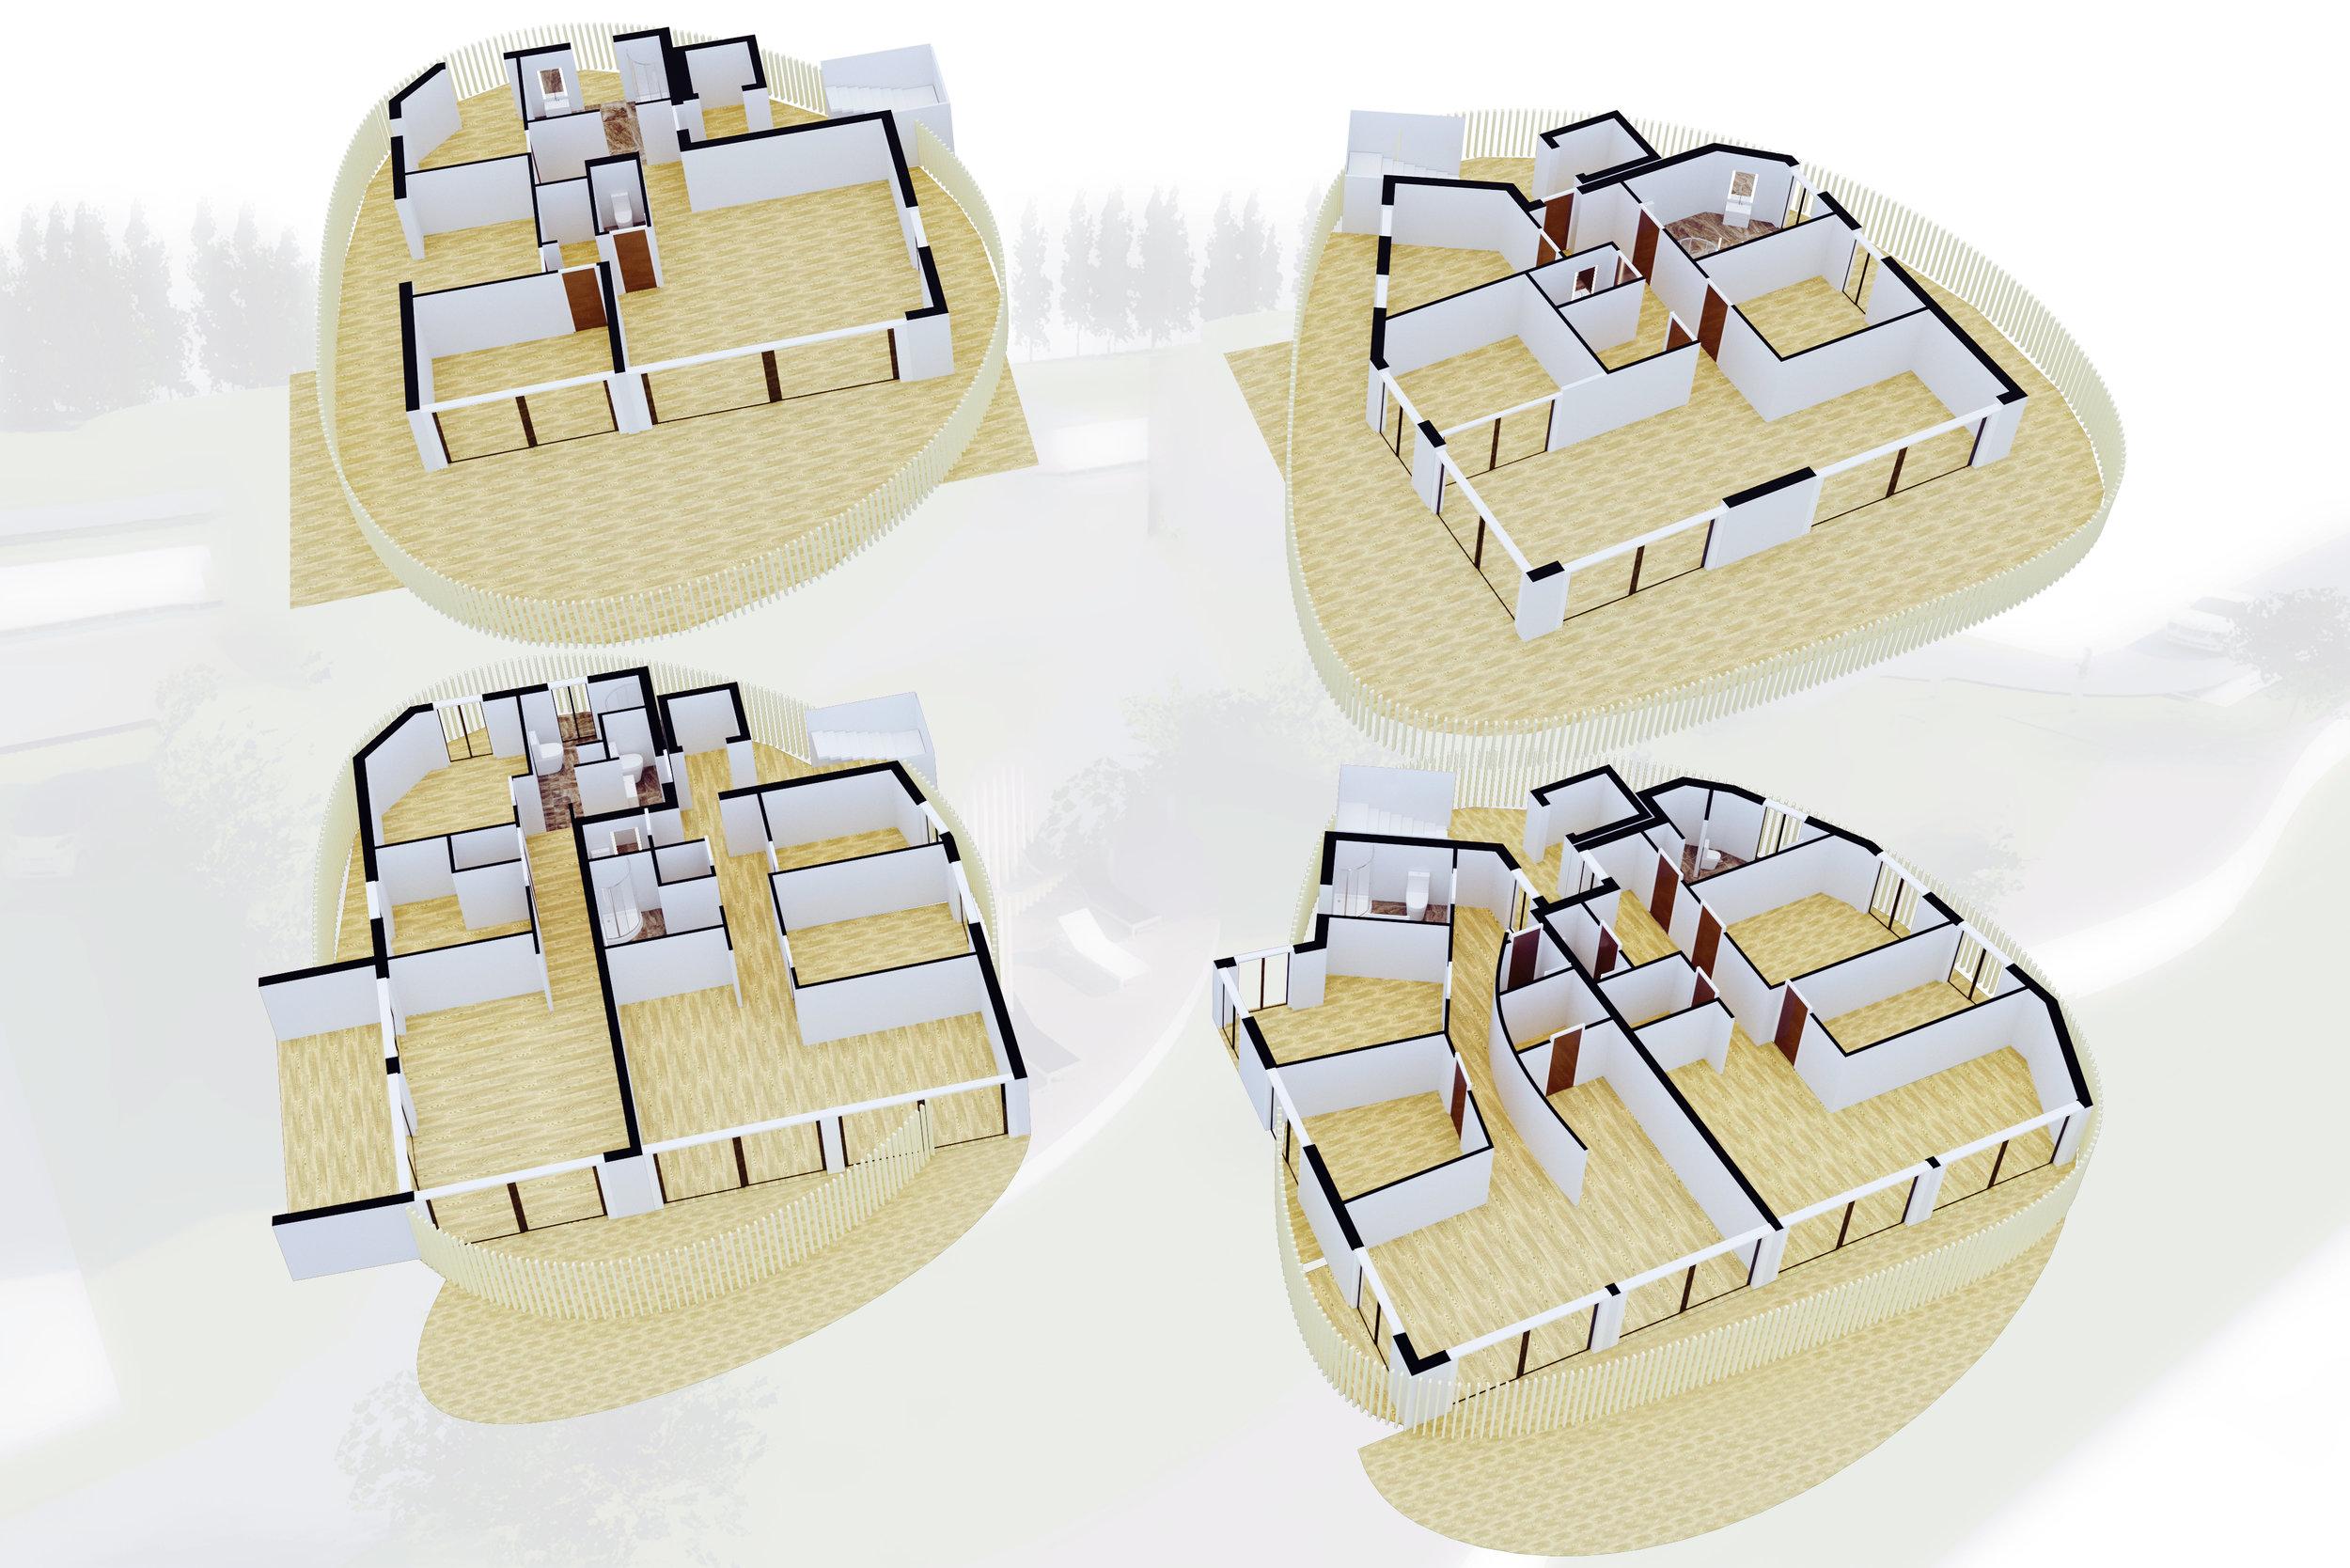 Vermarktungsgrundriss 3d - Grundriss überarbeitung